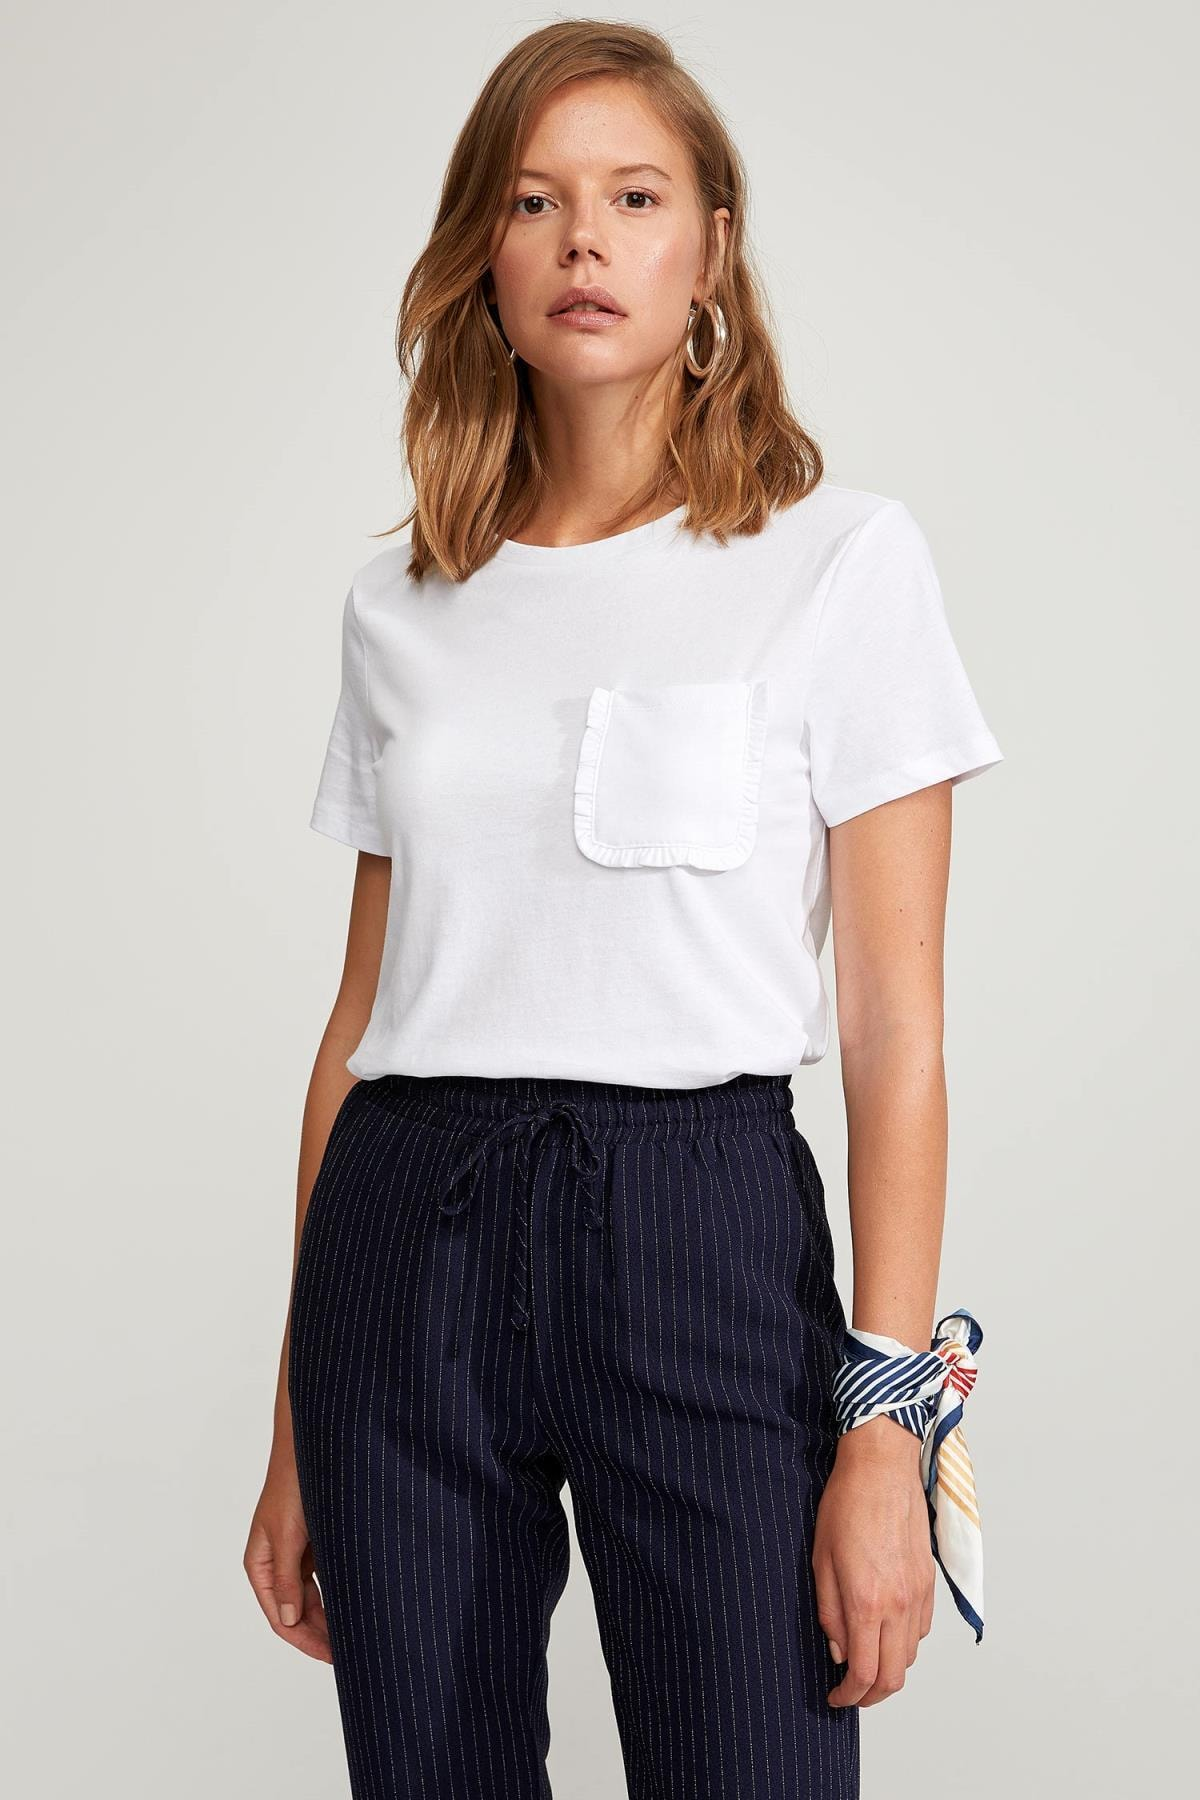 Kadın Beyaz Regular Fit Basic Kısa Kollu Tişört S5089AZ20HSWT